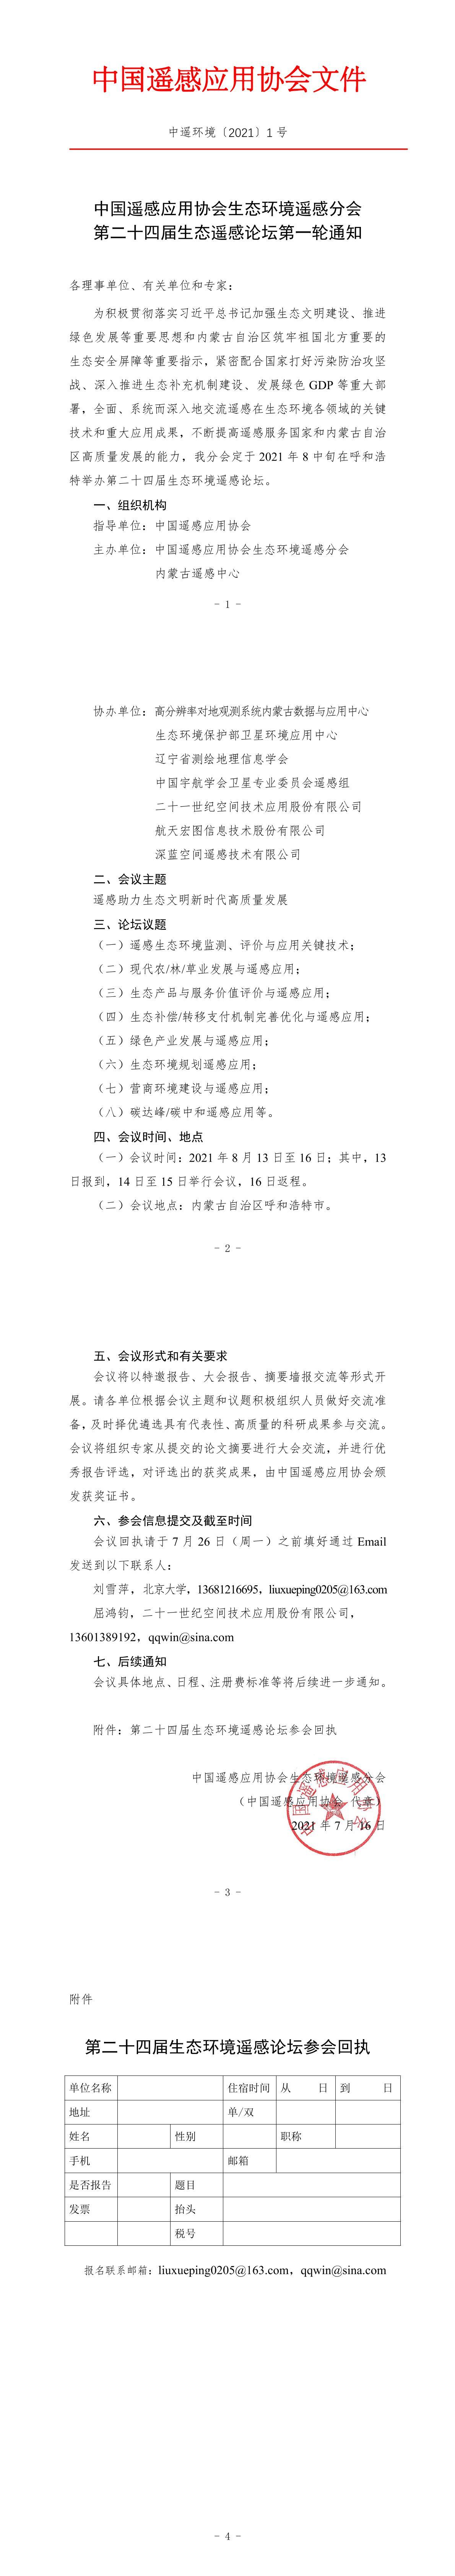 中國遙感應用協會生態環境遙感分會第24屆生態環境遙感論壇第一輪通知-V2-1.jpg